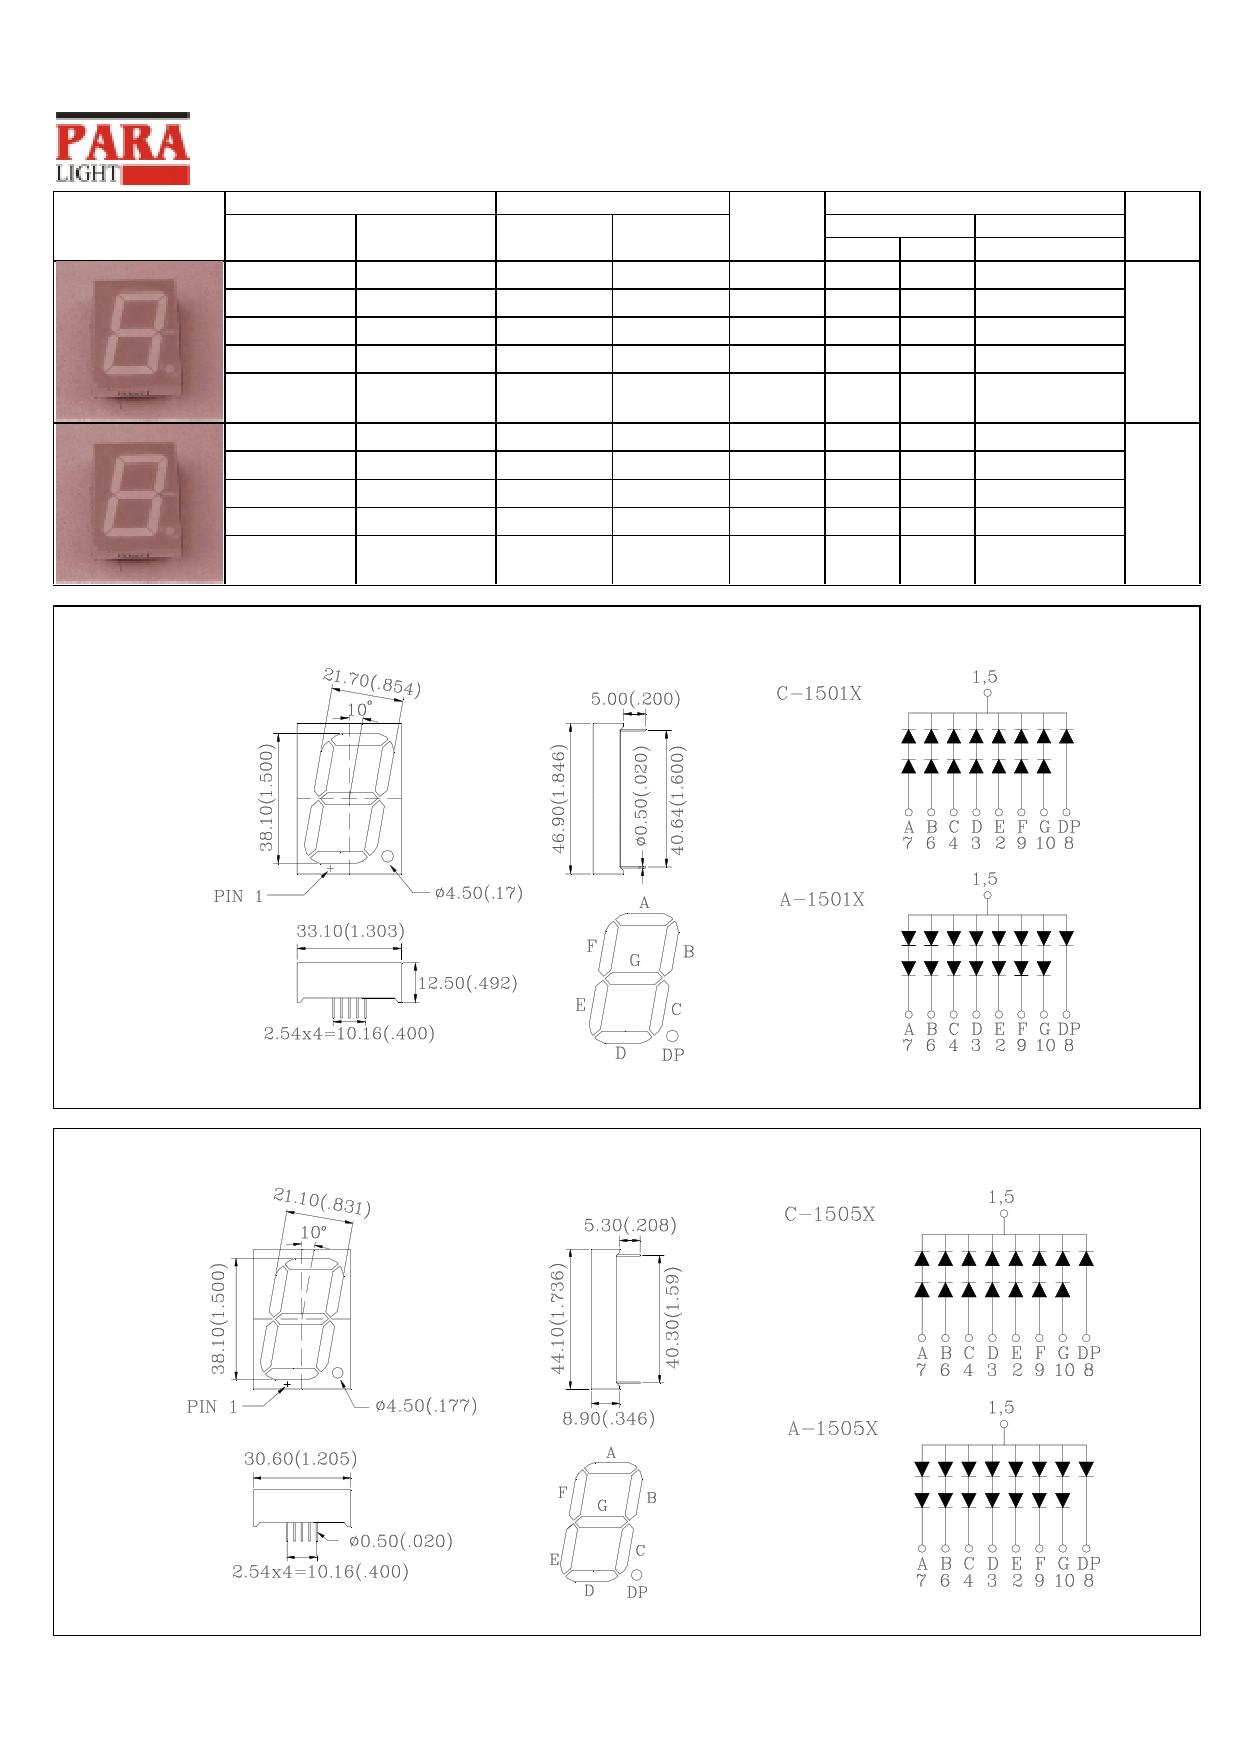 C-1505G datasheet